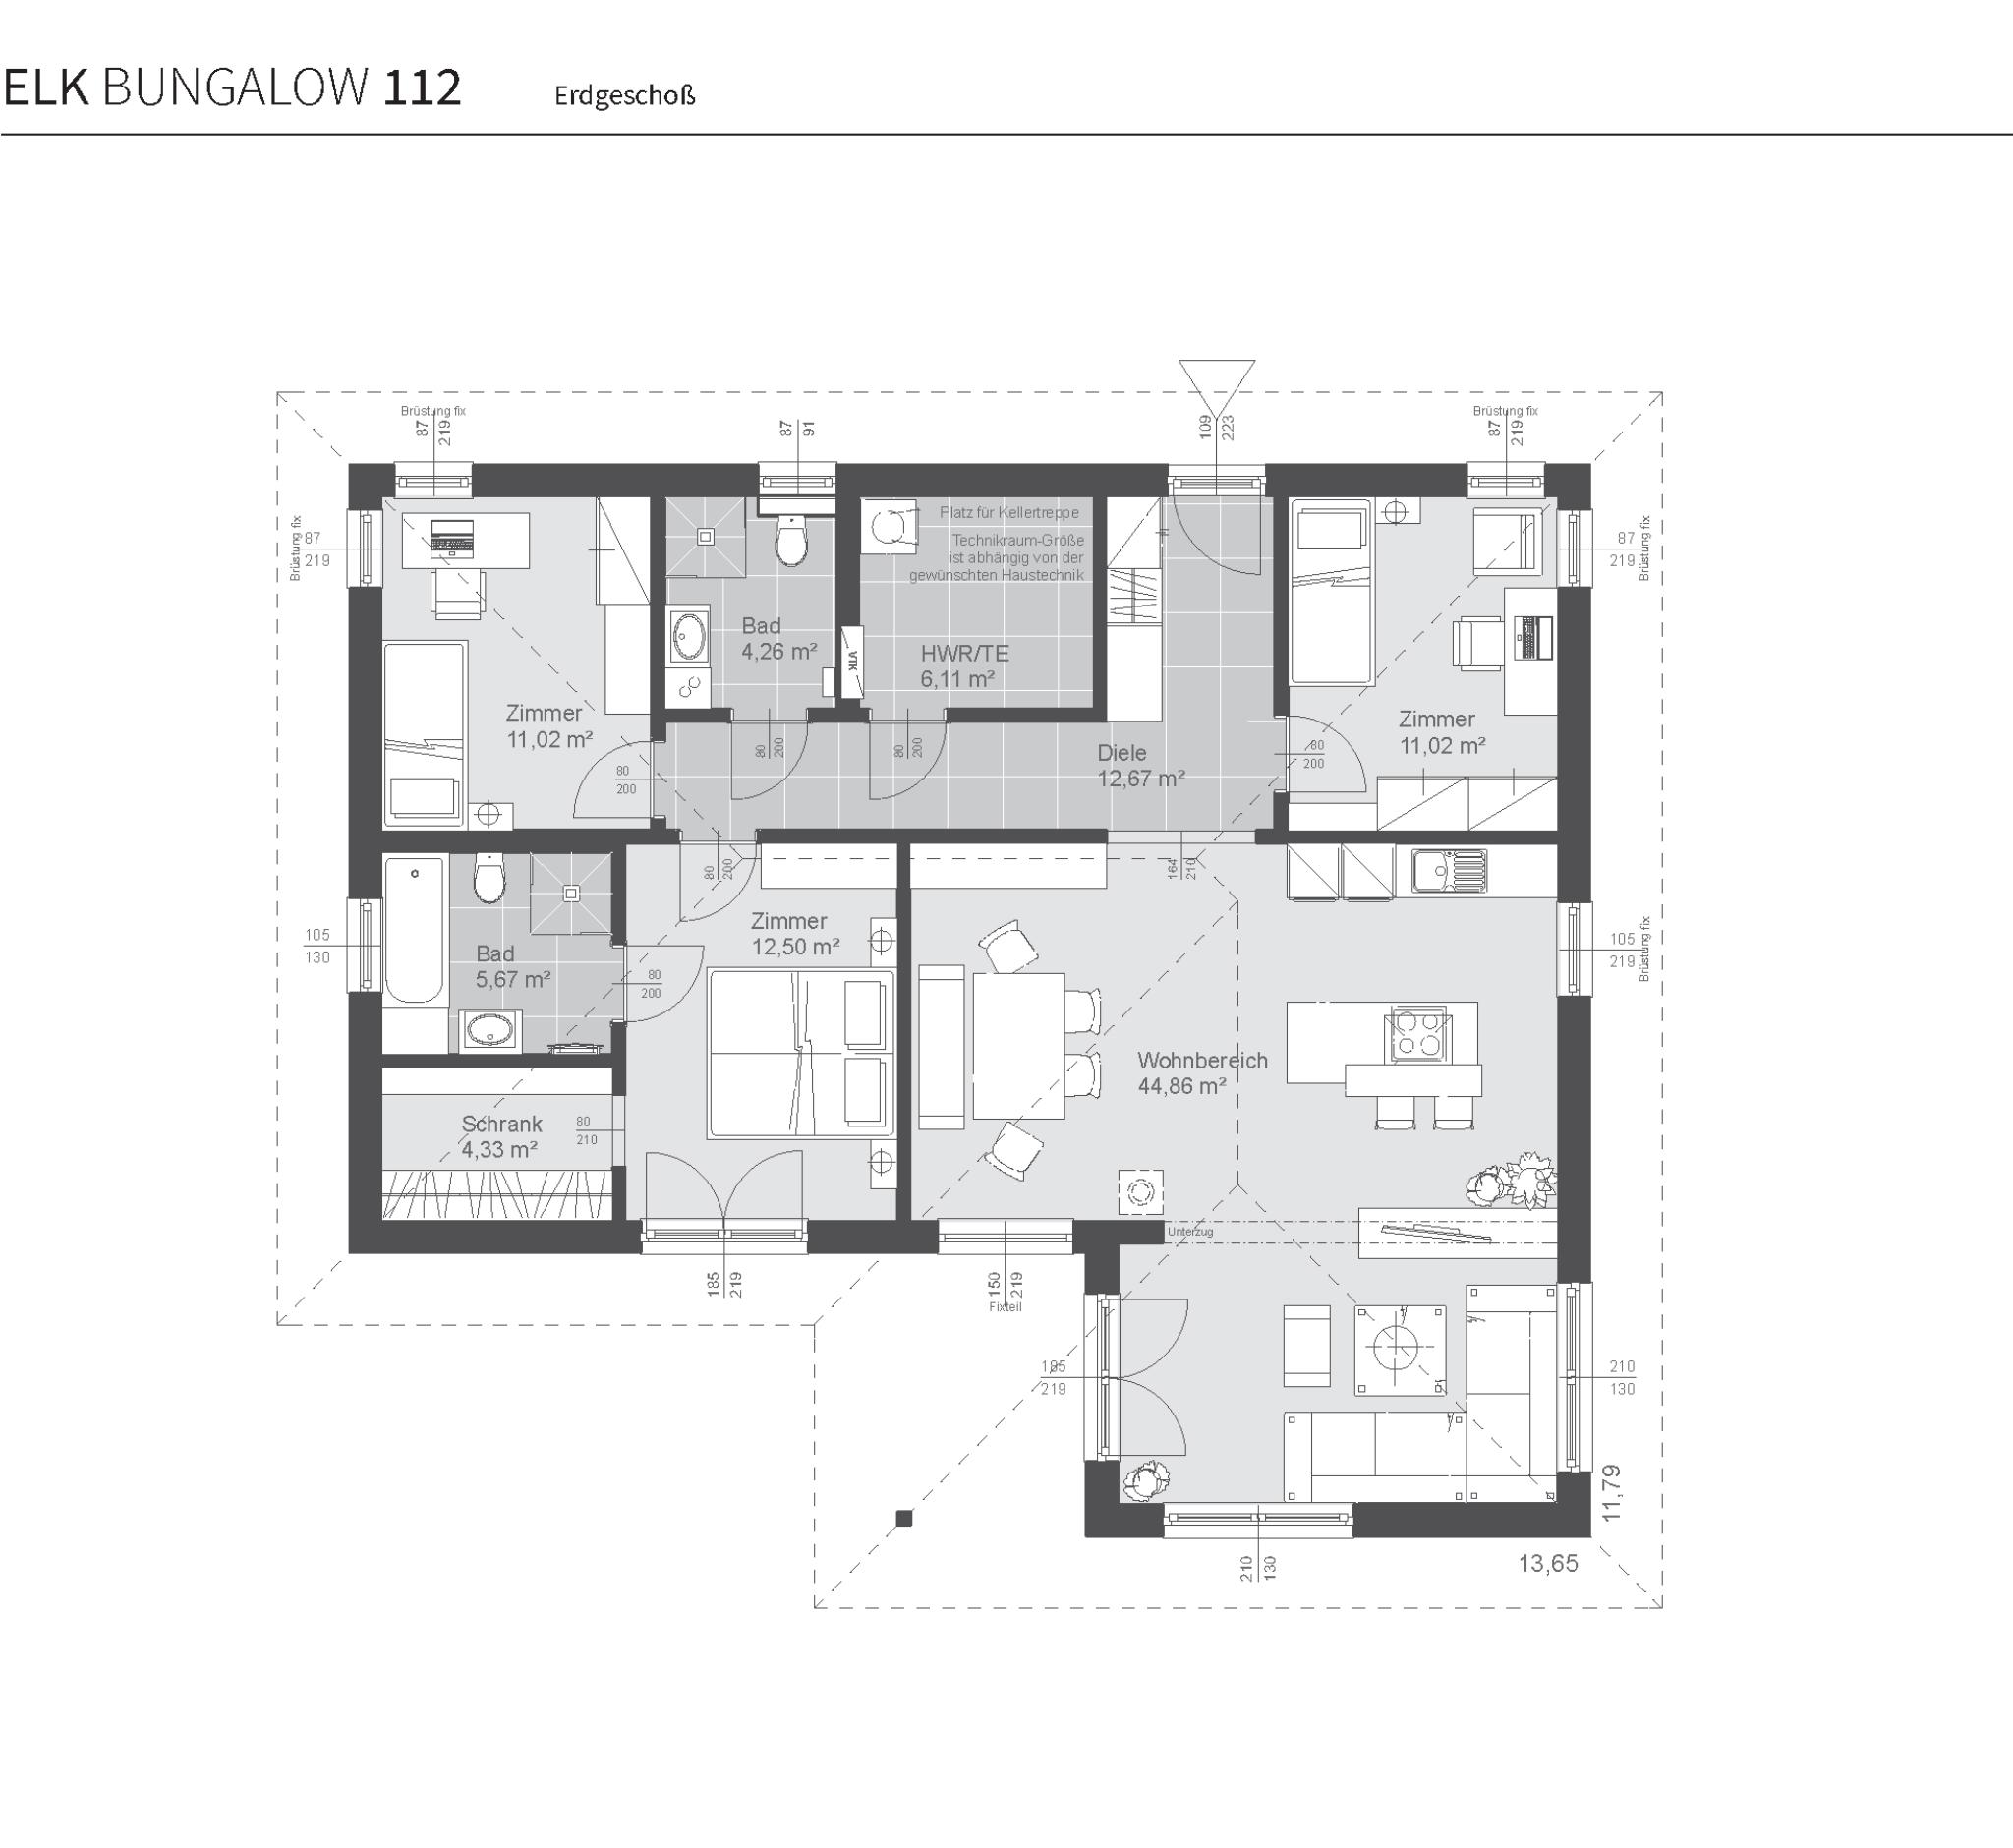 grundriss-elk-bungalow-112-erdegeschoss